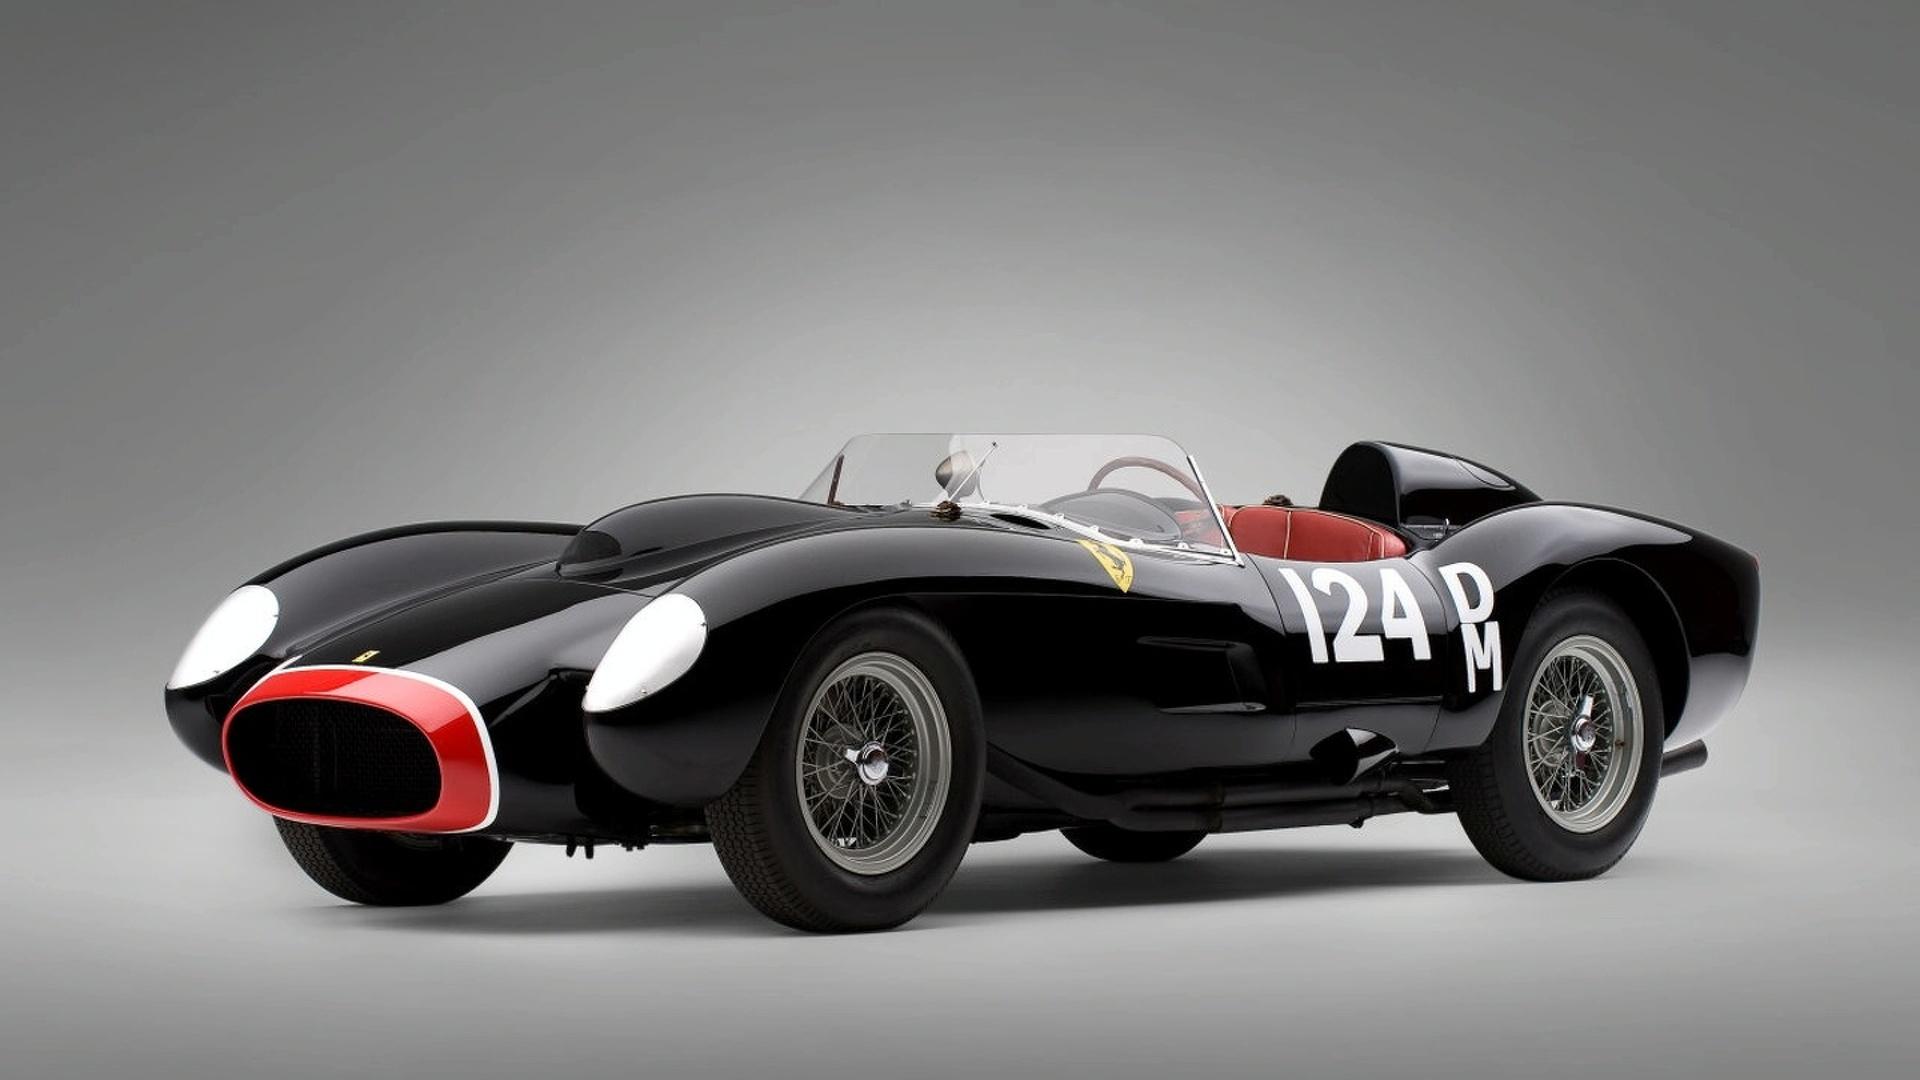 1957 Ferrari 250 Testa Rossa Sells For 12million At Auction Breaks World Record